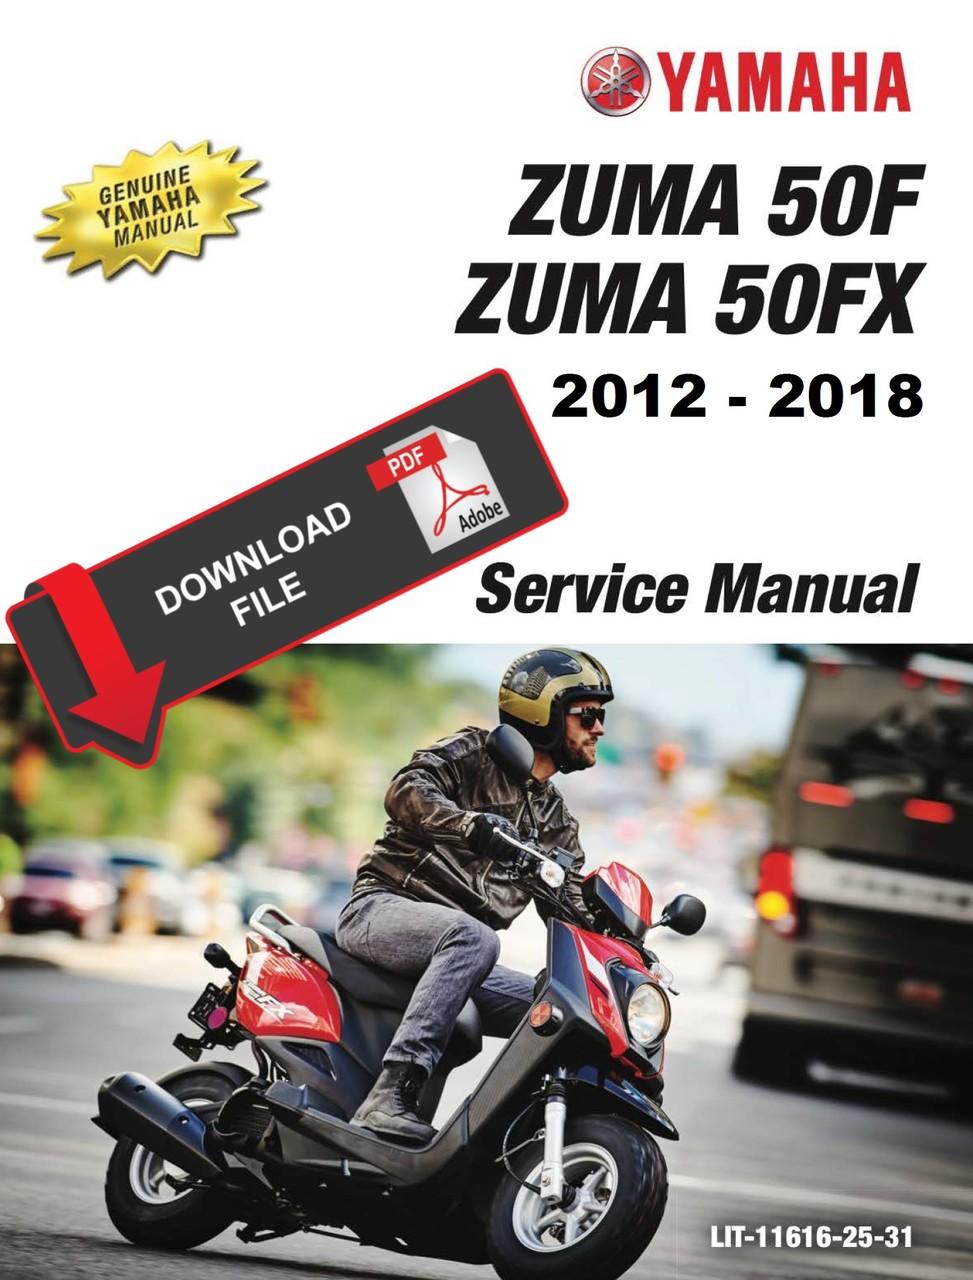 Yamaha 2018 Zuma 50 Service Manual